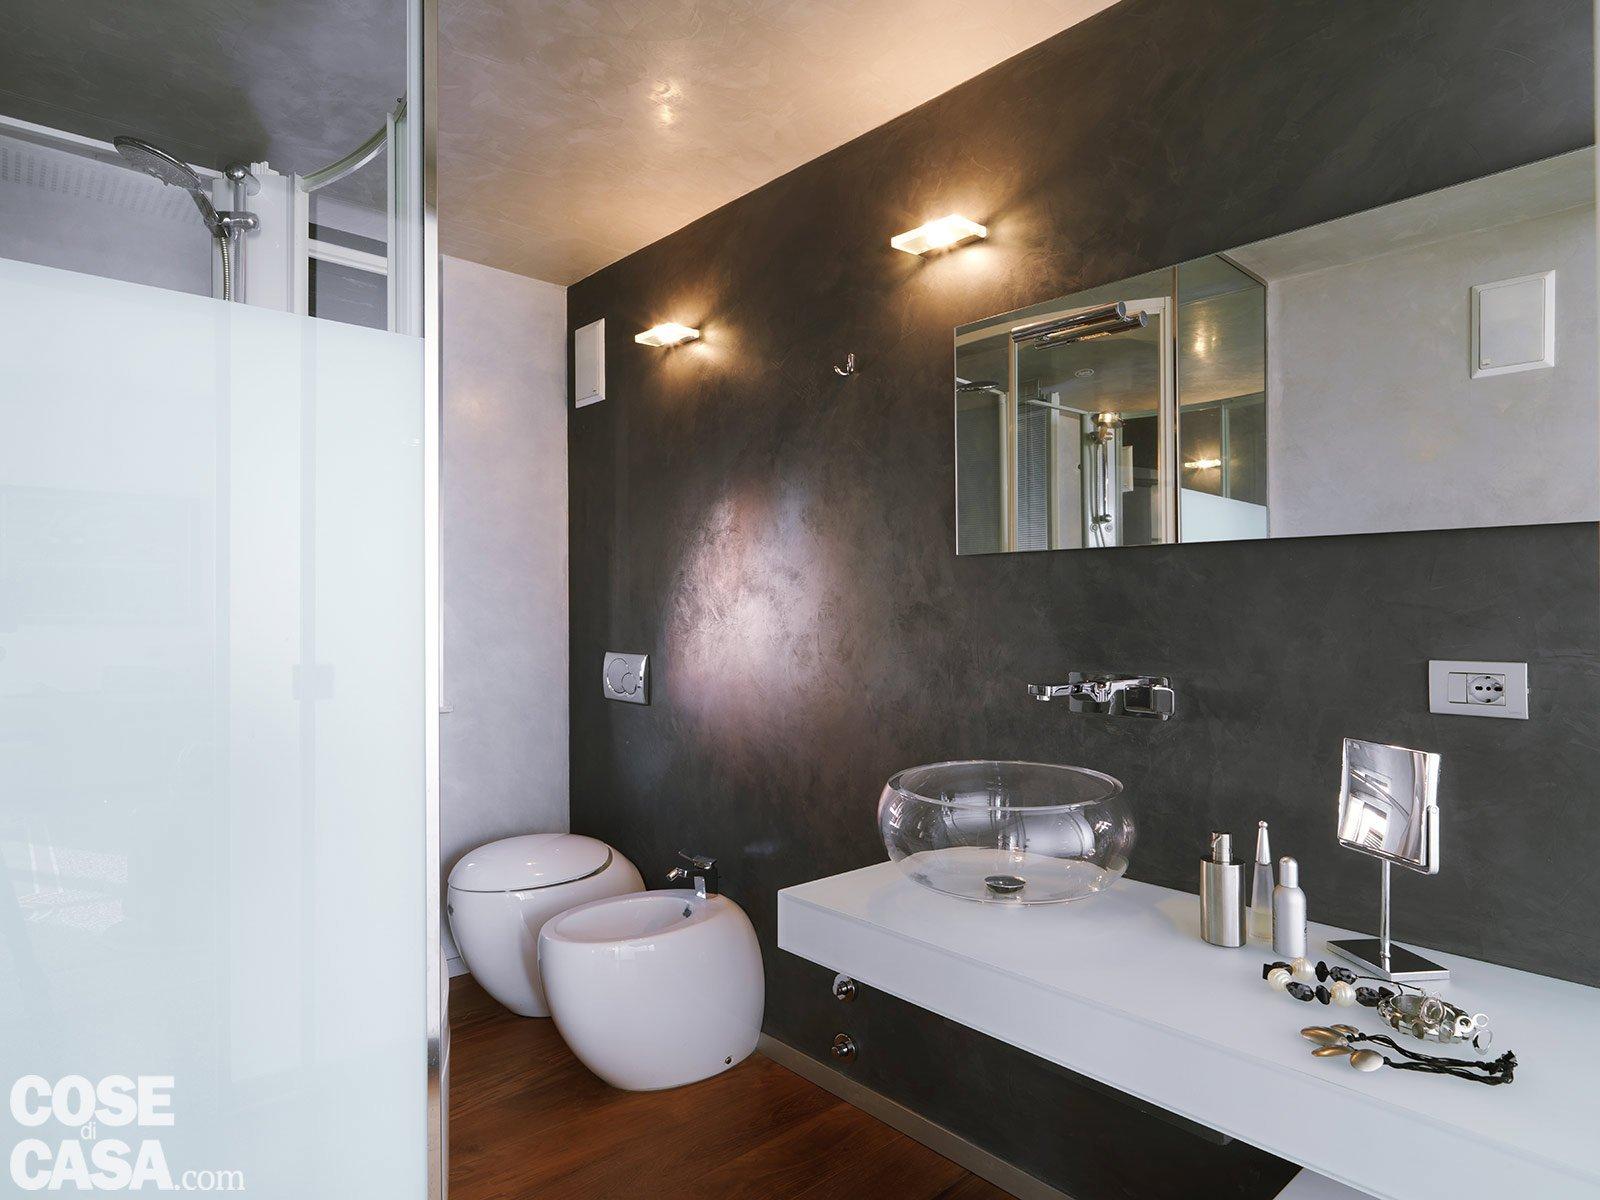 Casa soluzioni hi tech per interni anni 39 30 cose di casa - Stucco veneziano bagno ...